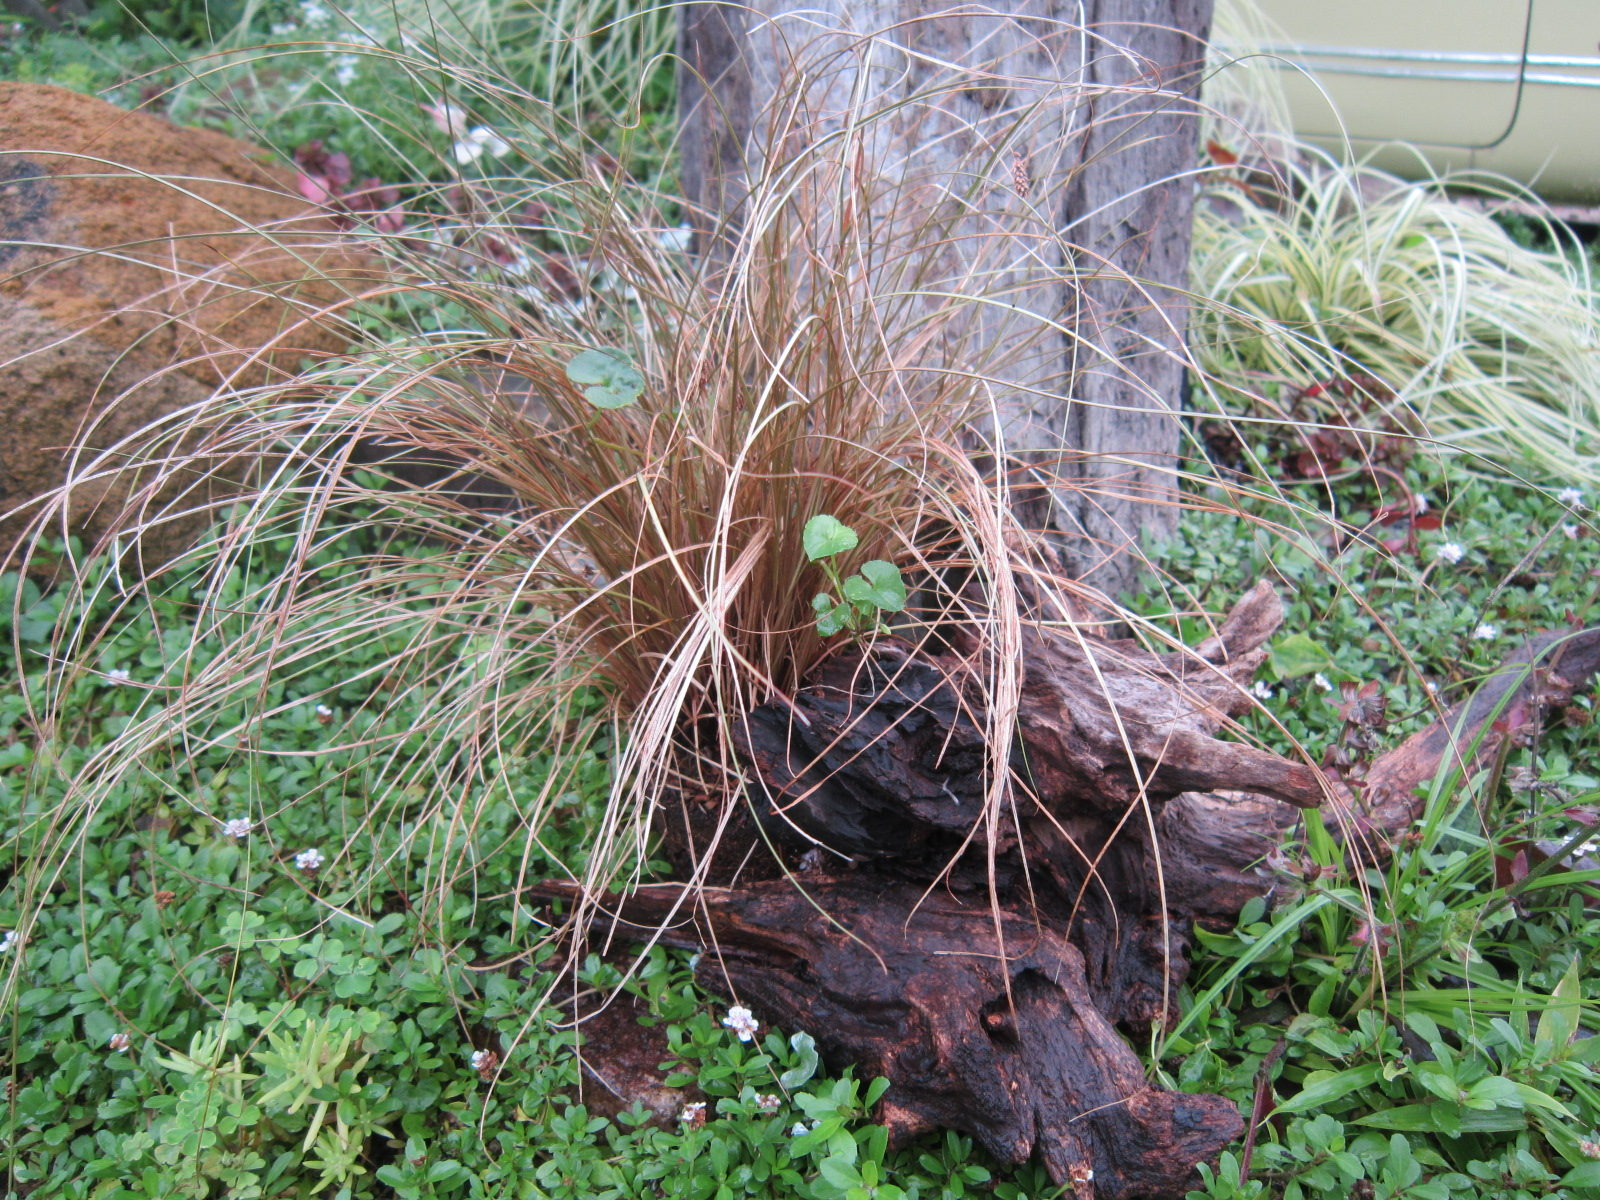 カレックス学名:Carex